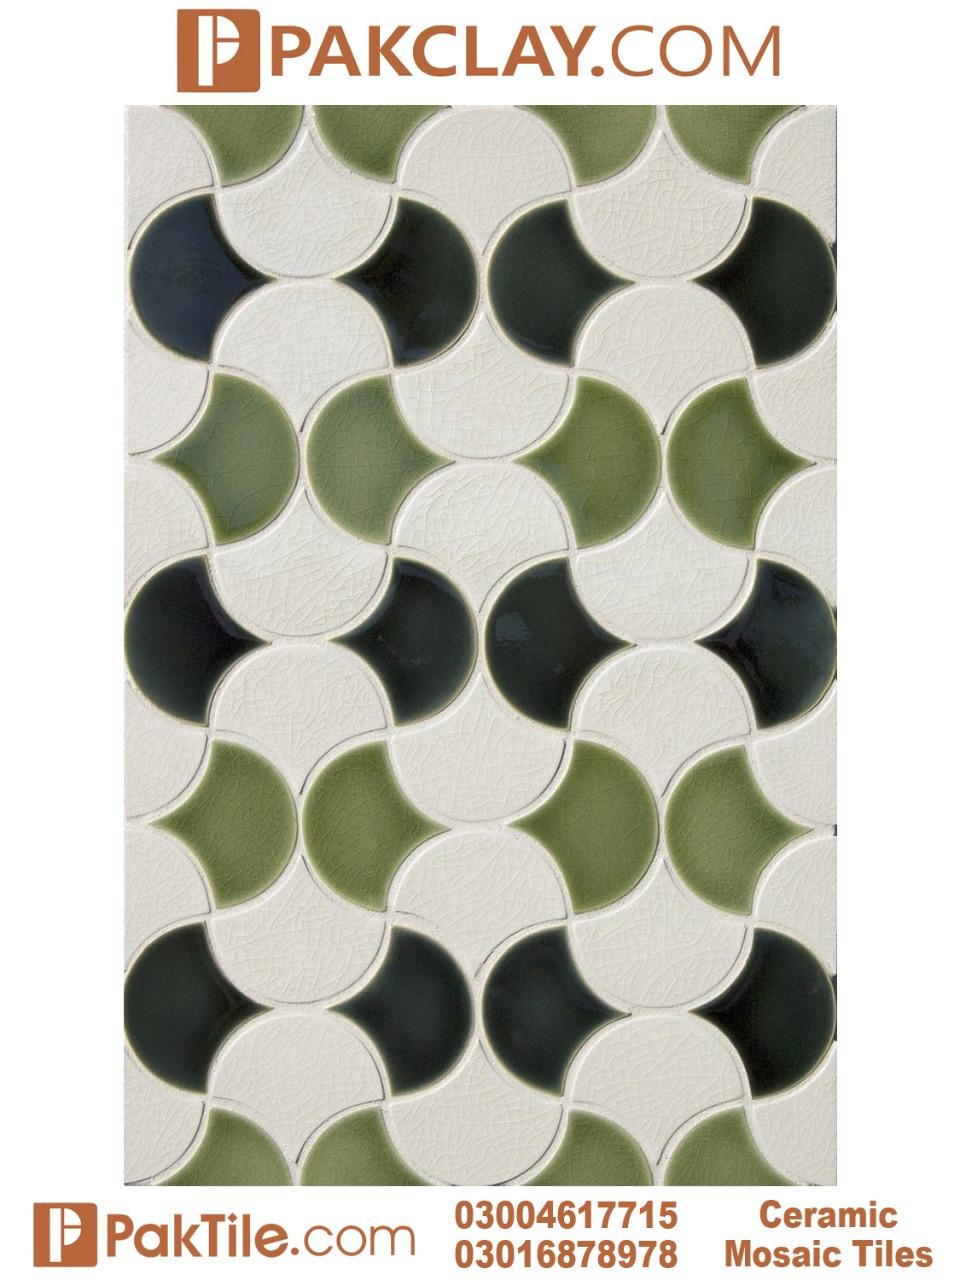 Colors Ceramic Wall Tiles Design in Pakistan